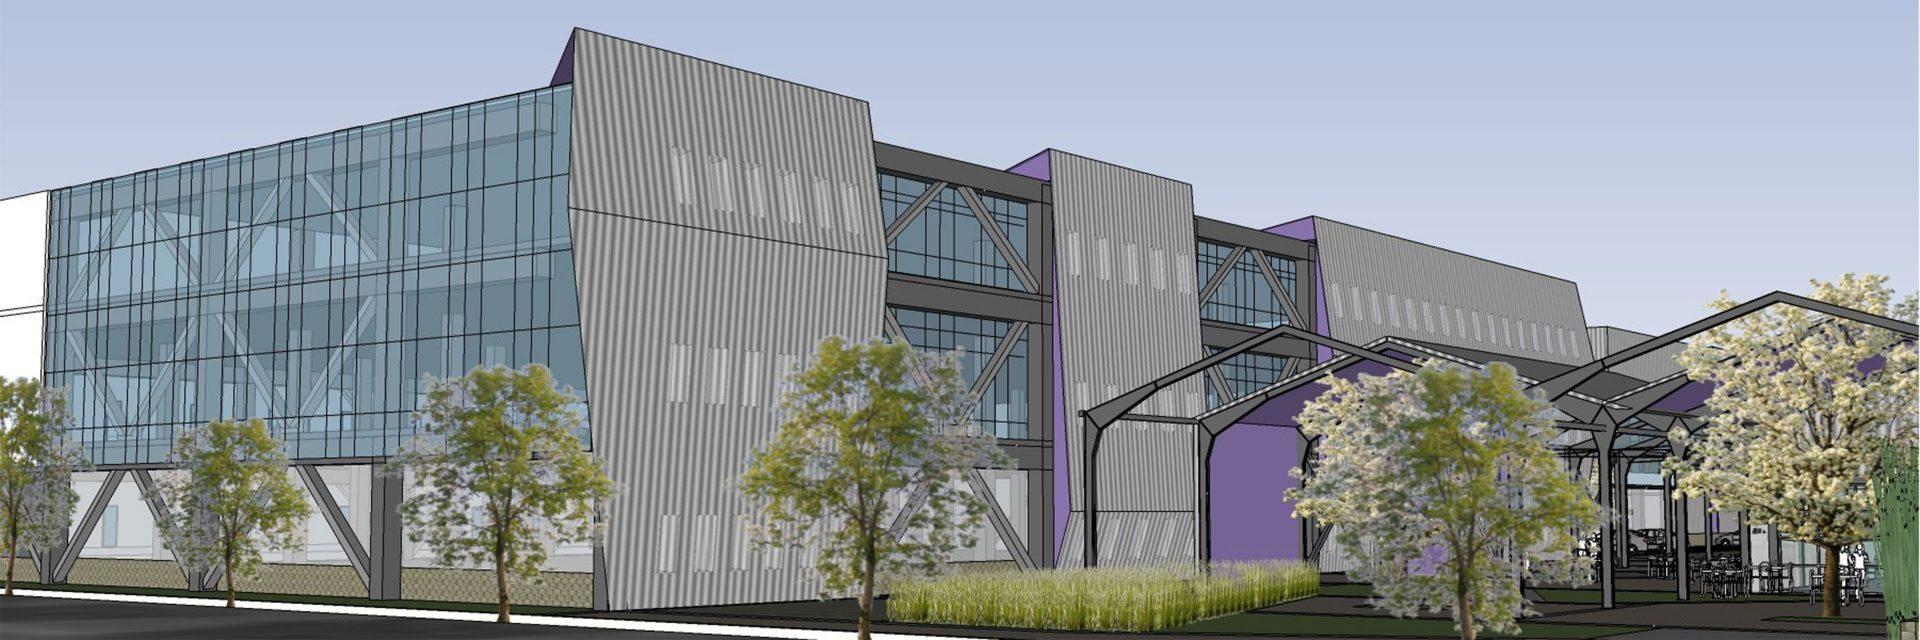 Lab/R&D/Manufacturing Campus